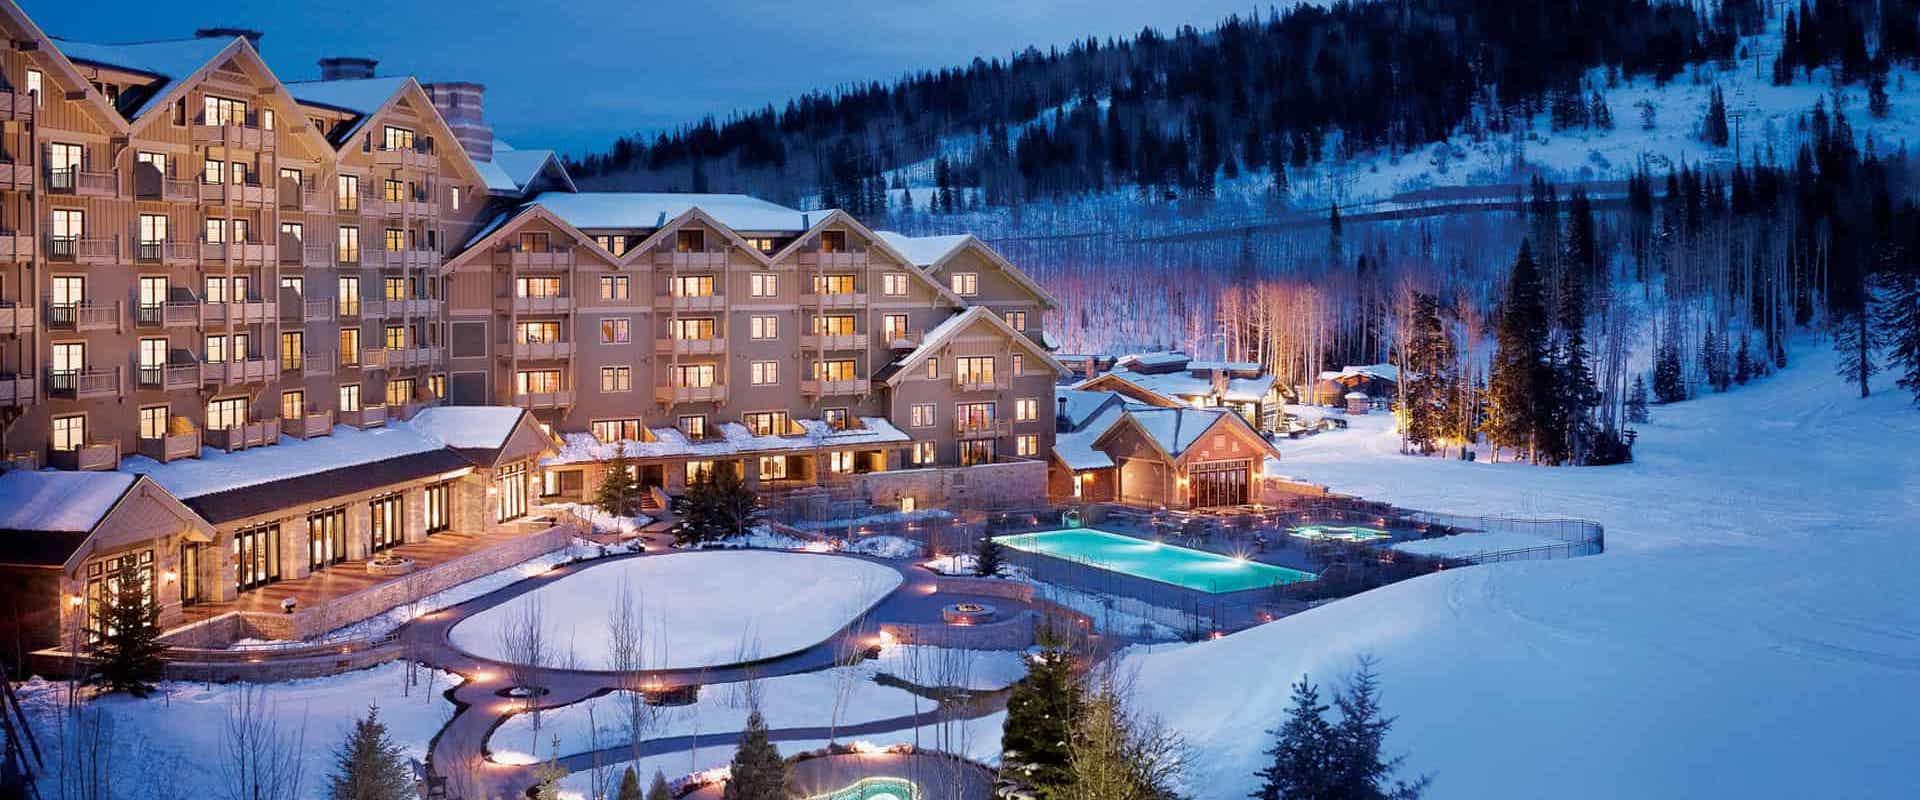 Top 10 der besten Luxus-Ski-In-Ski-Out-Hotels in den USA